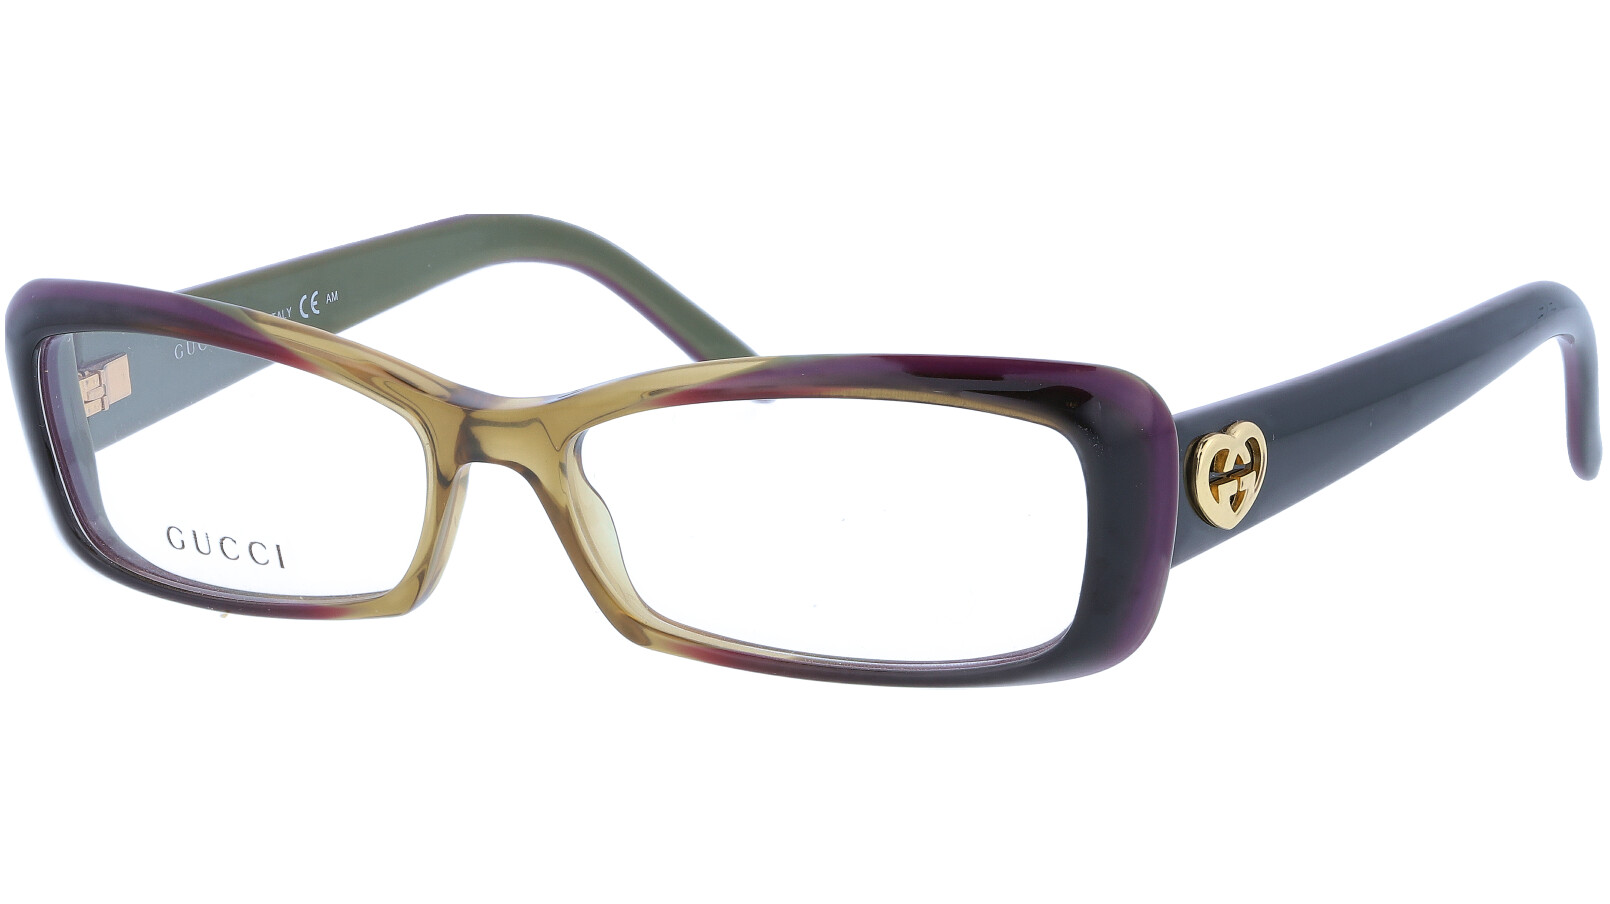 GUCCI GG3516 WO9 52 MULITICOLOR Glasses